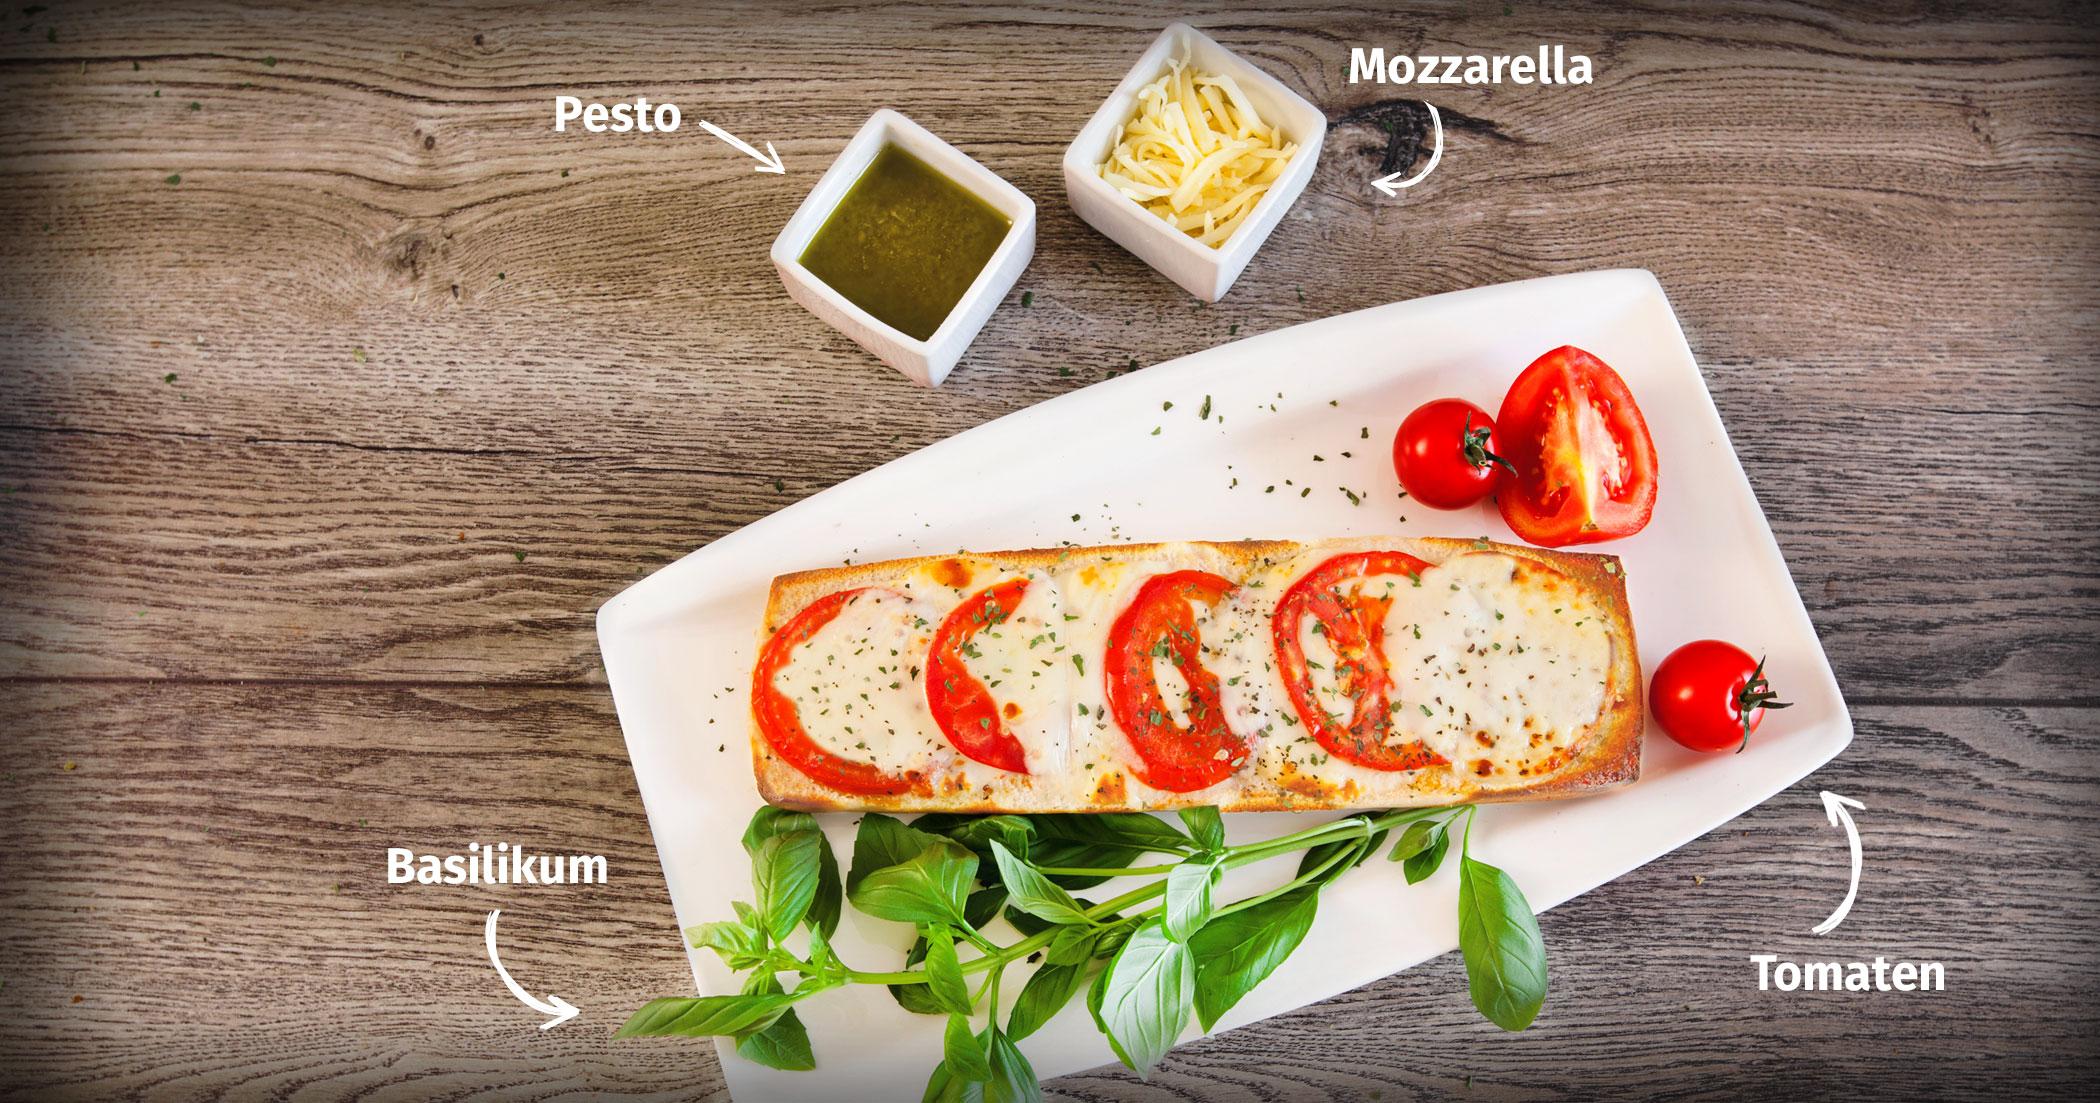 Original Franzesco Baguette Tomaten-Mozzarella mit Zutaten